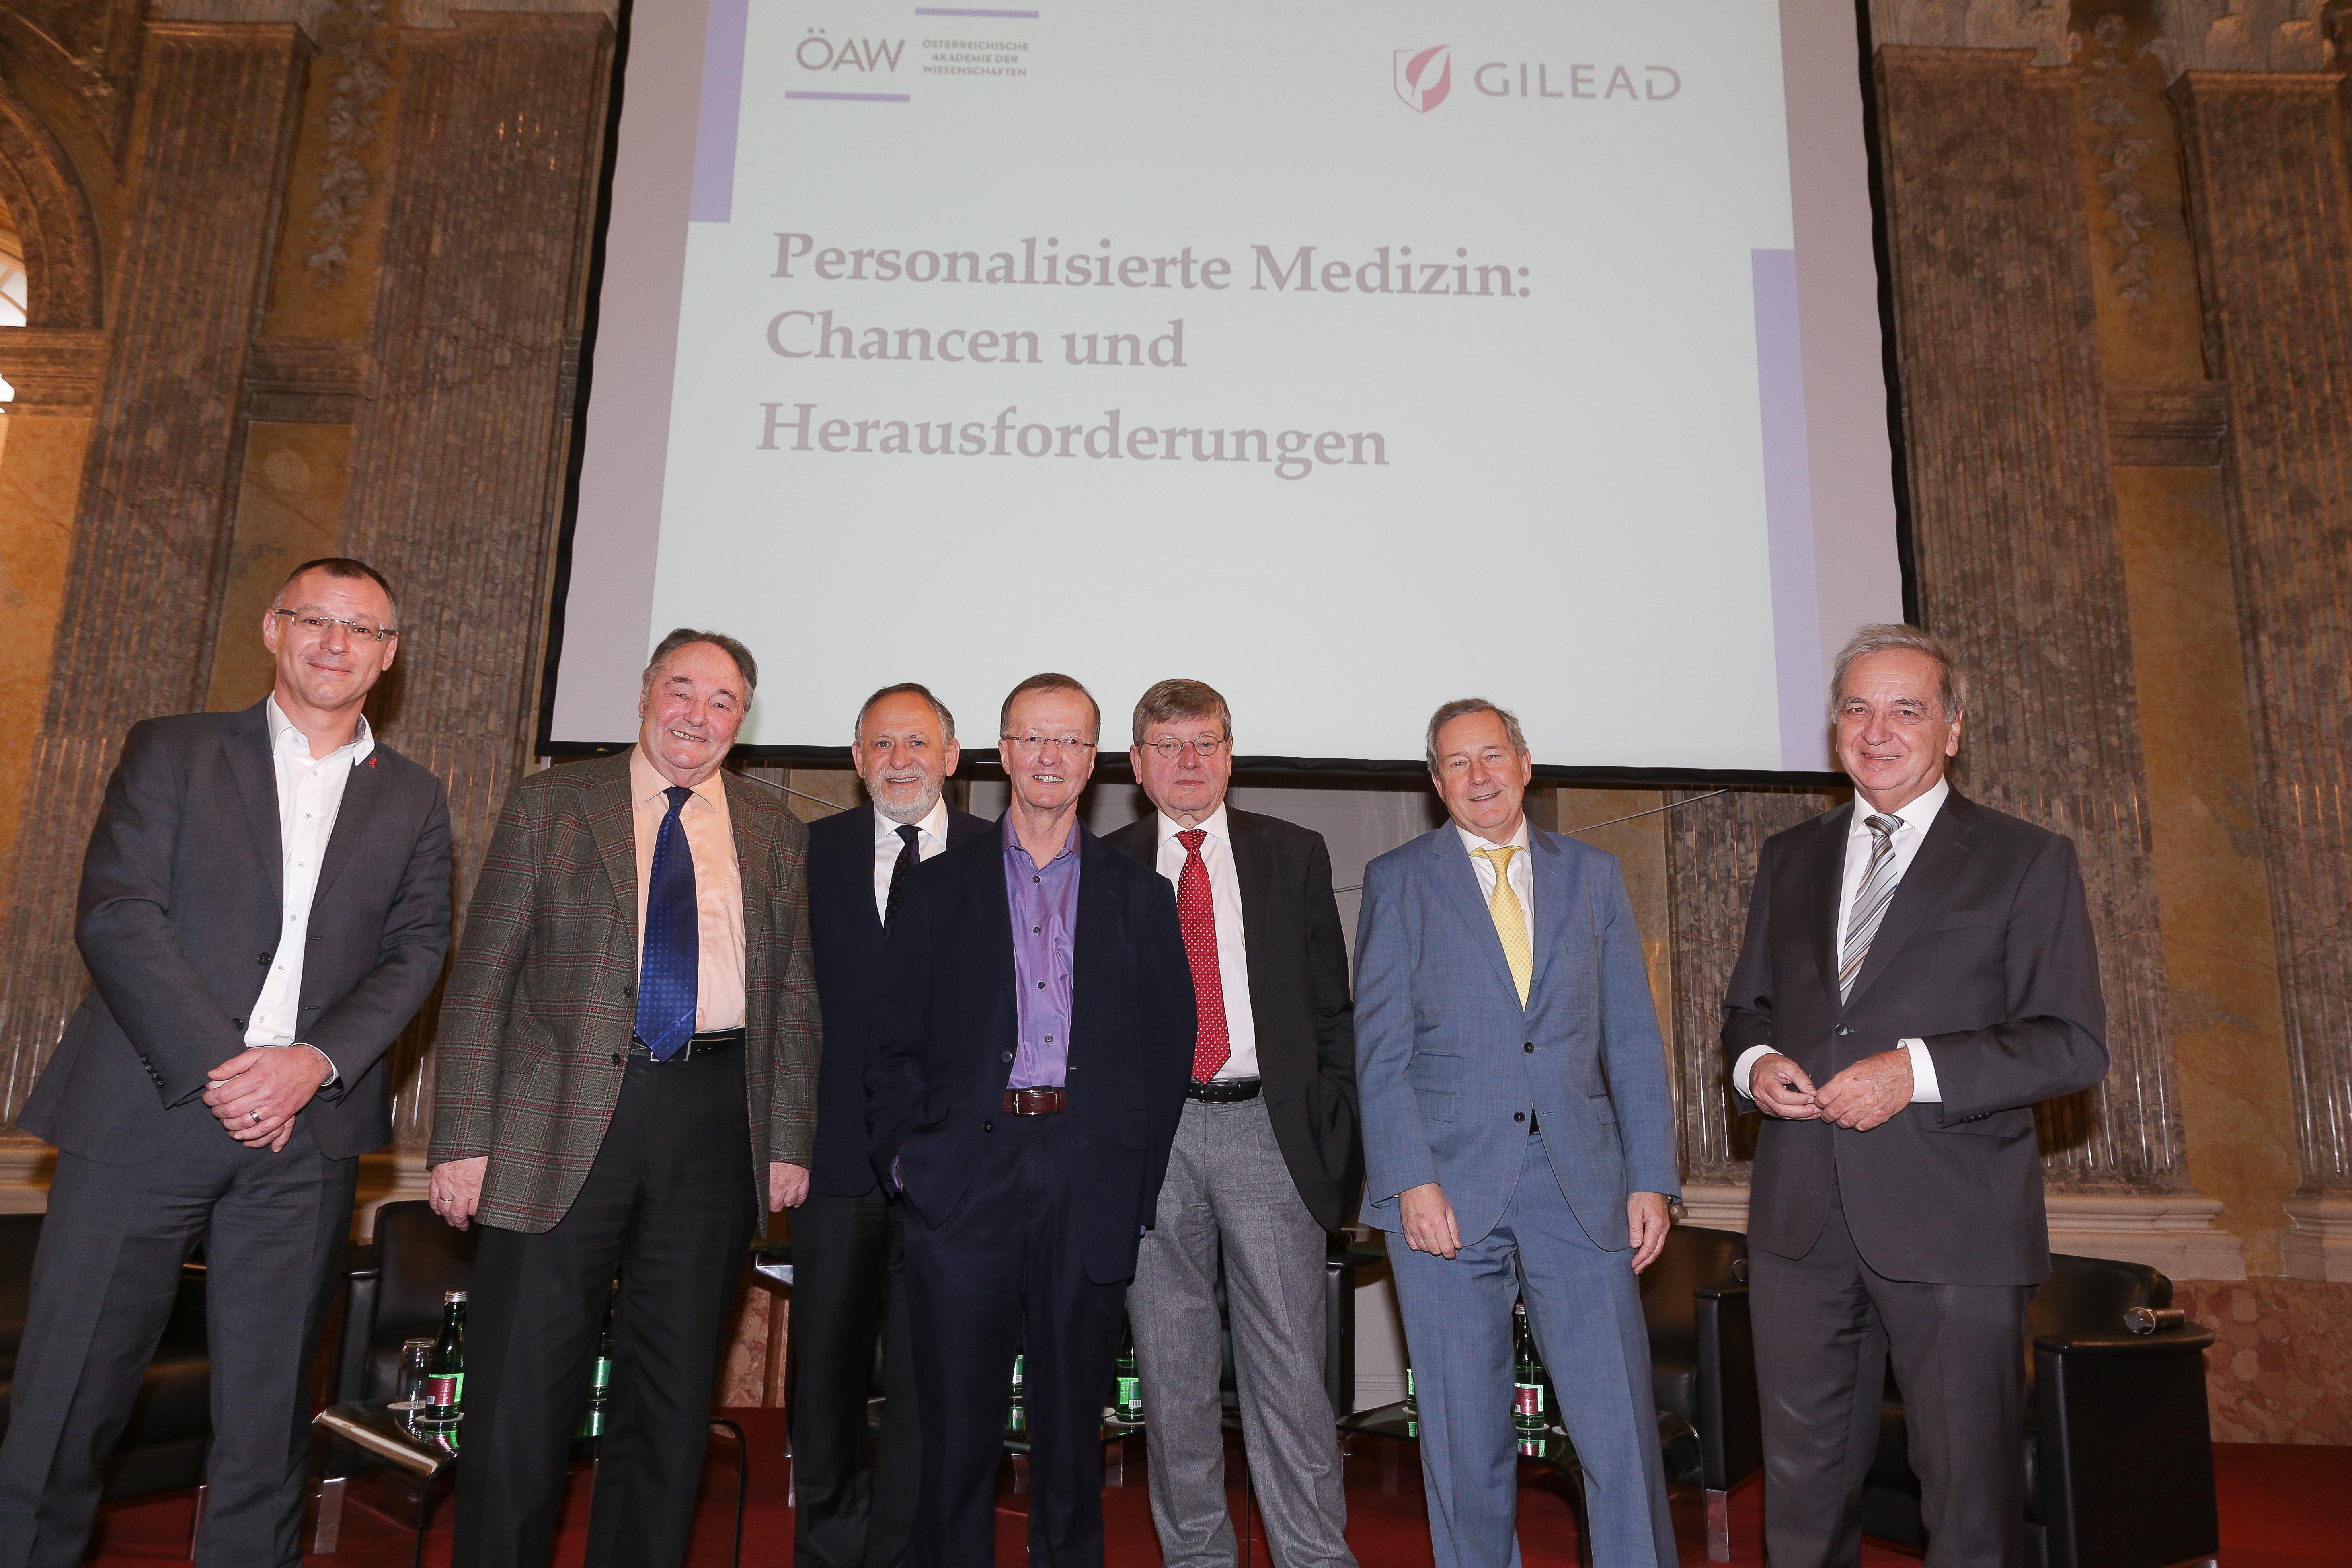 Personalisierte Medizin: Chancen und Herausforderungen